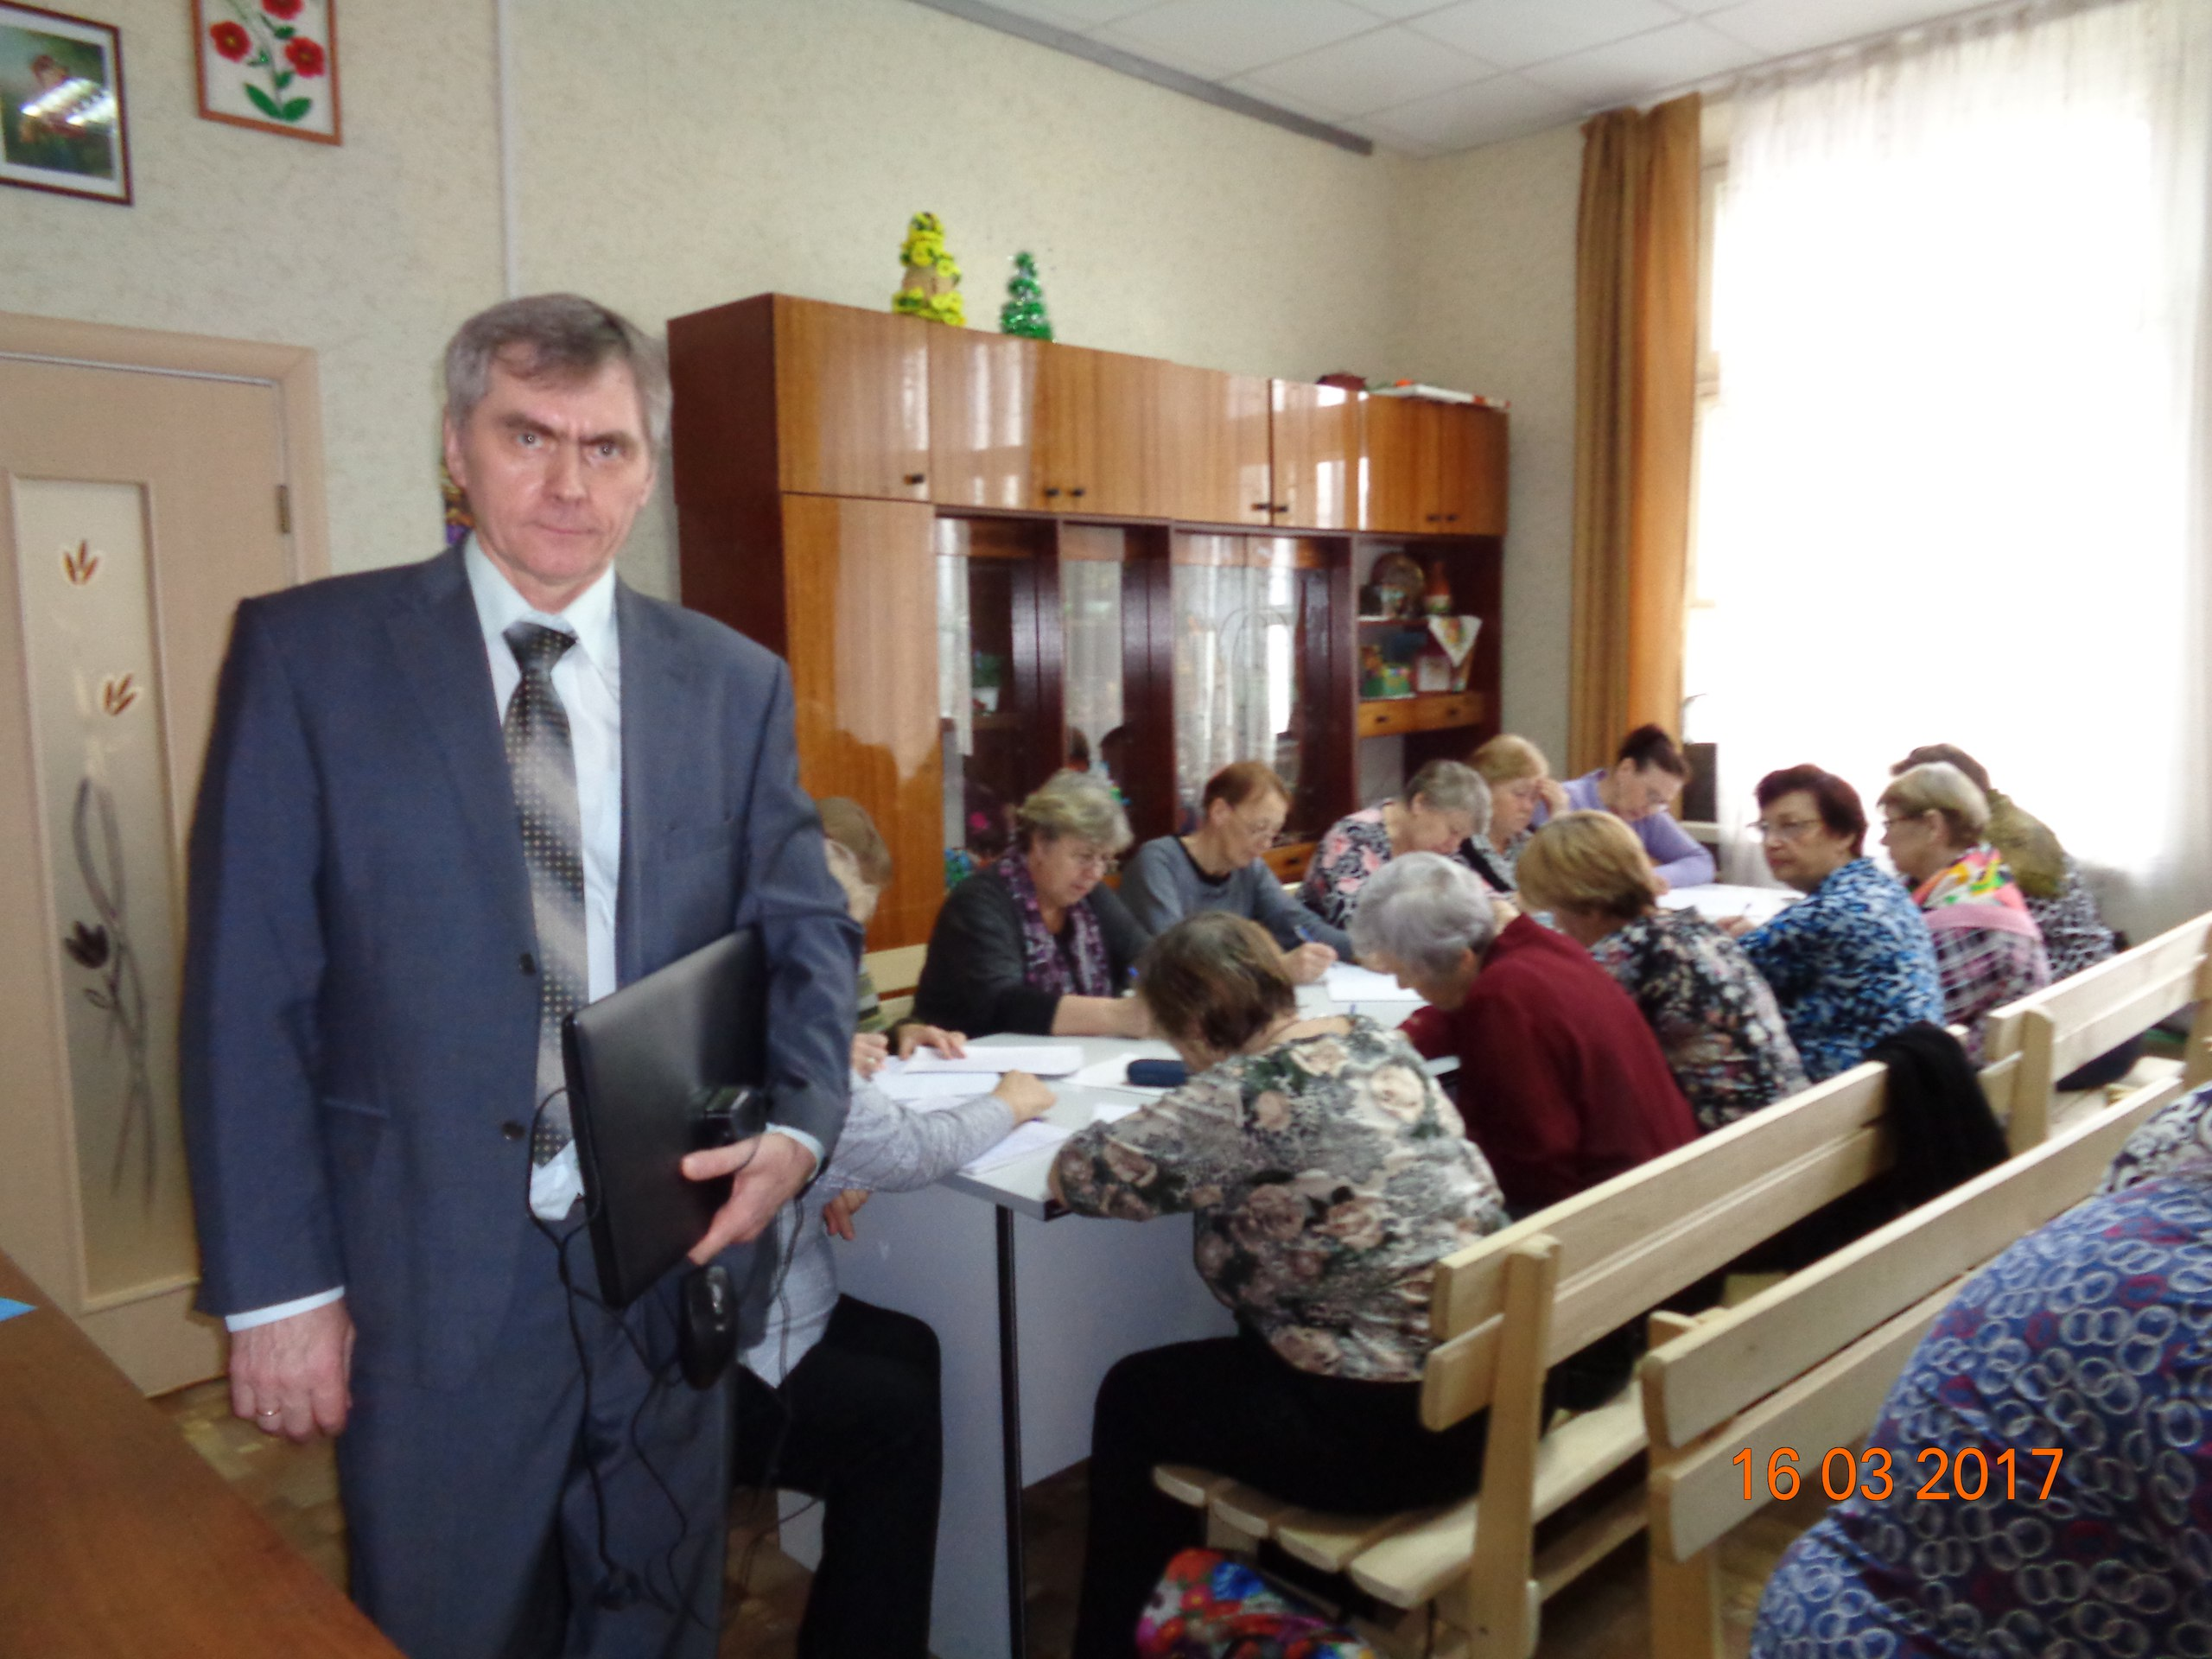 Пенсии работающим пенсионерам в украине в 2017 году свежие результаты